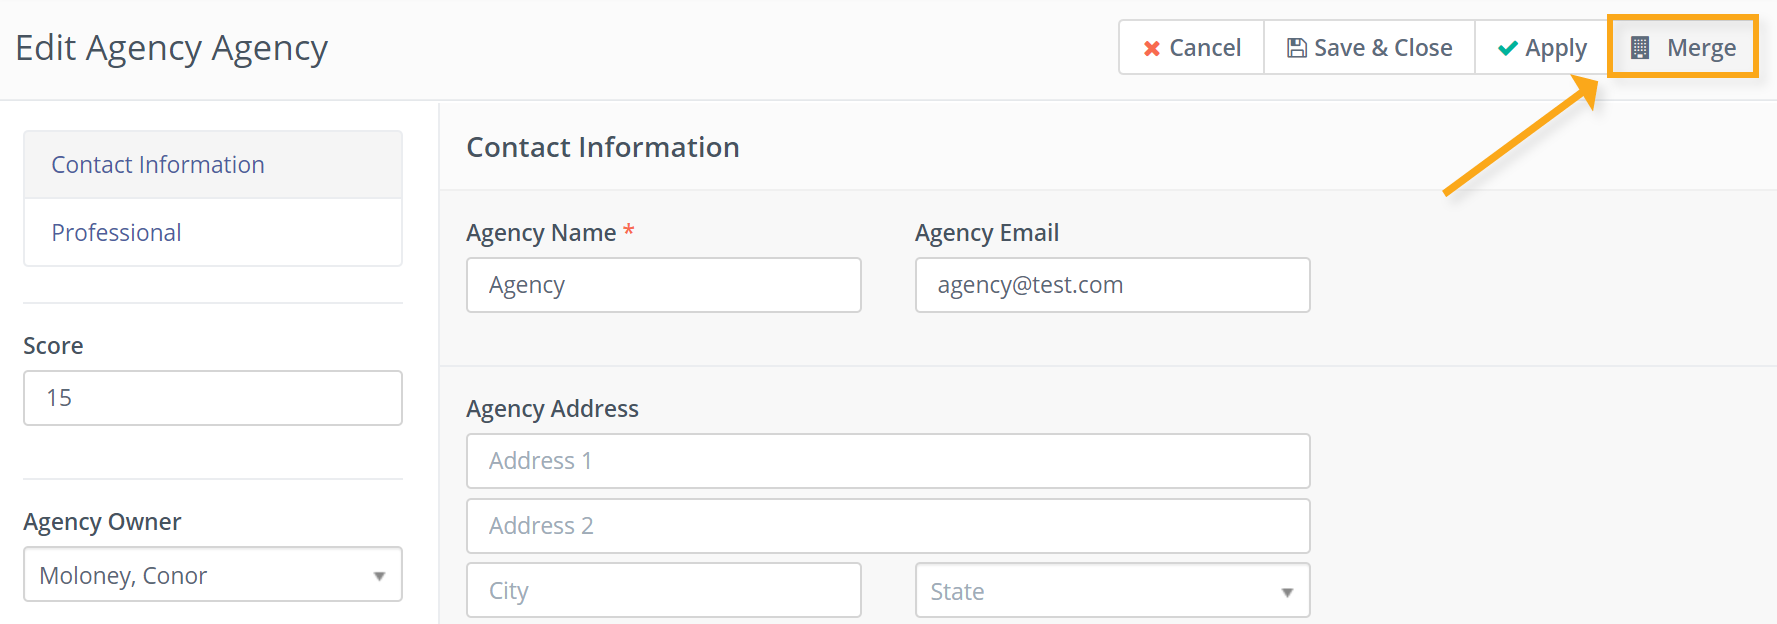 Merge agencies